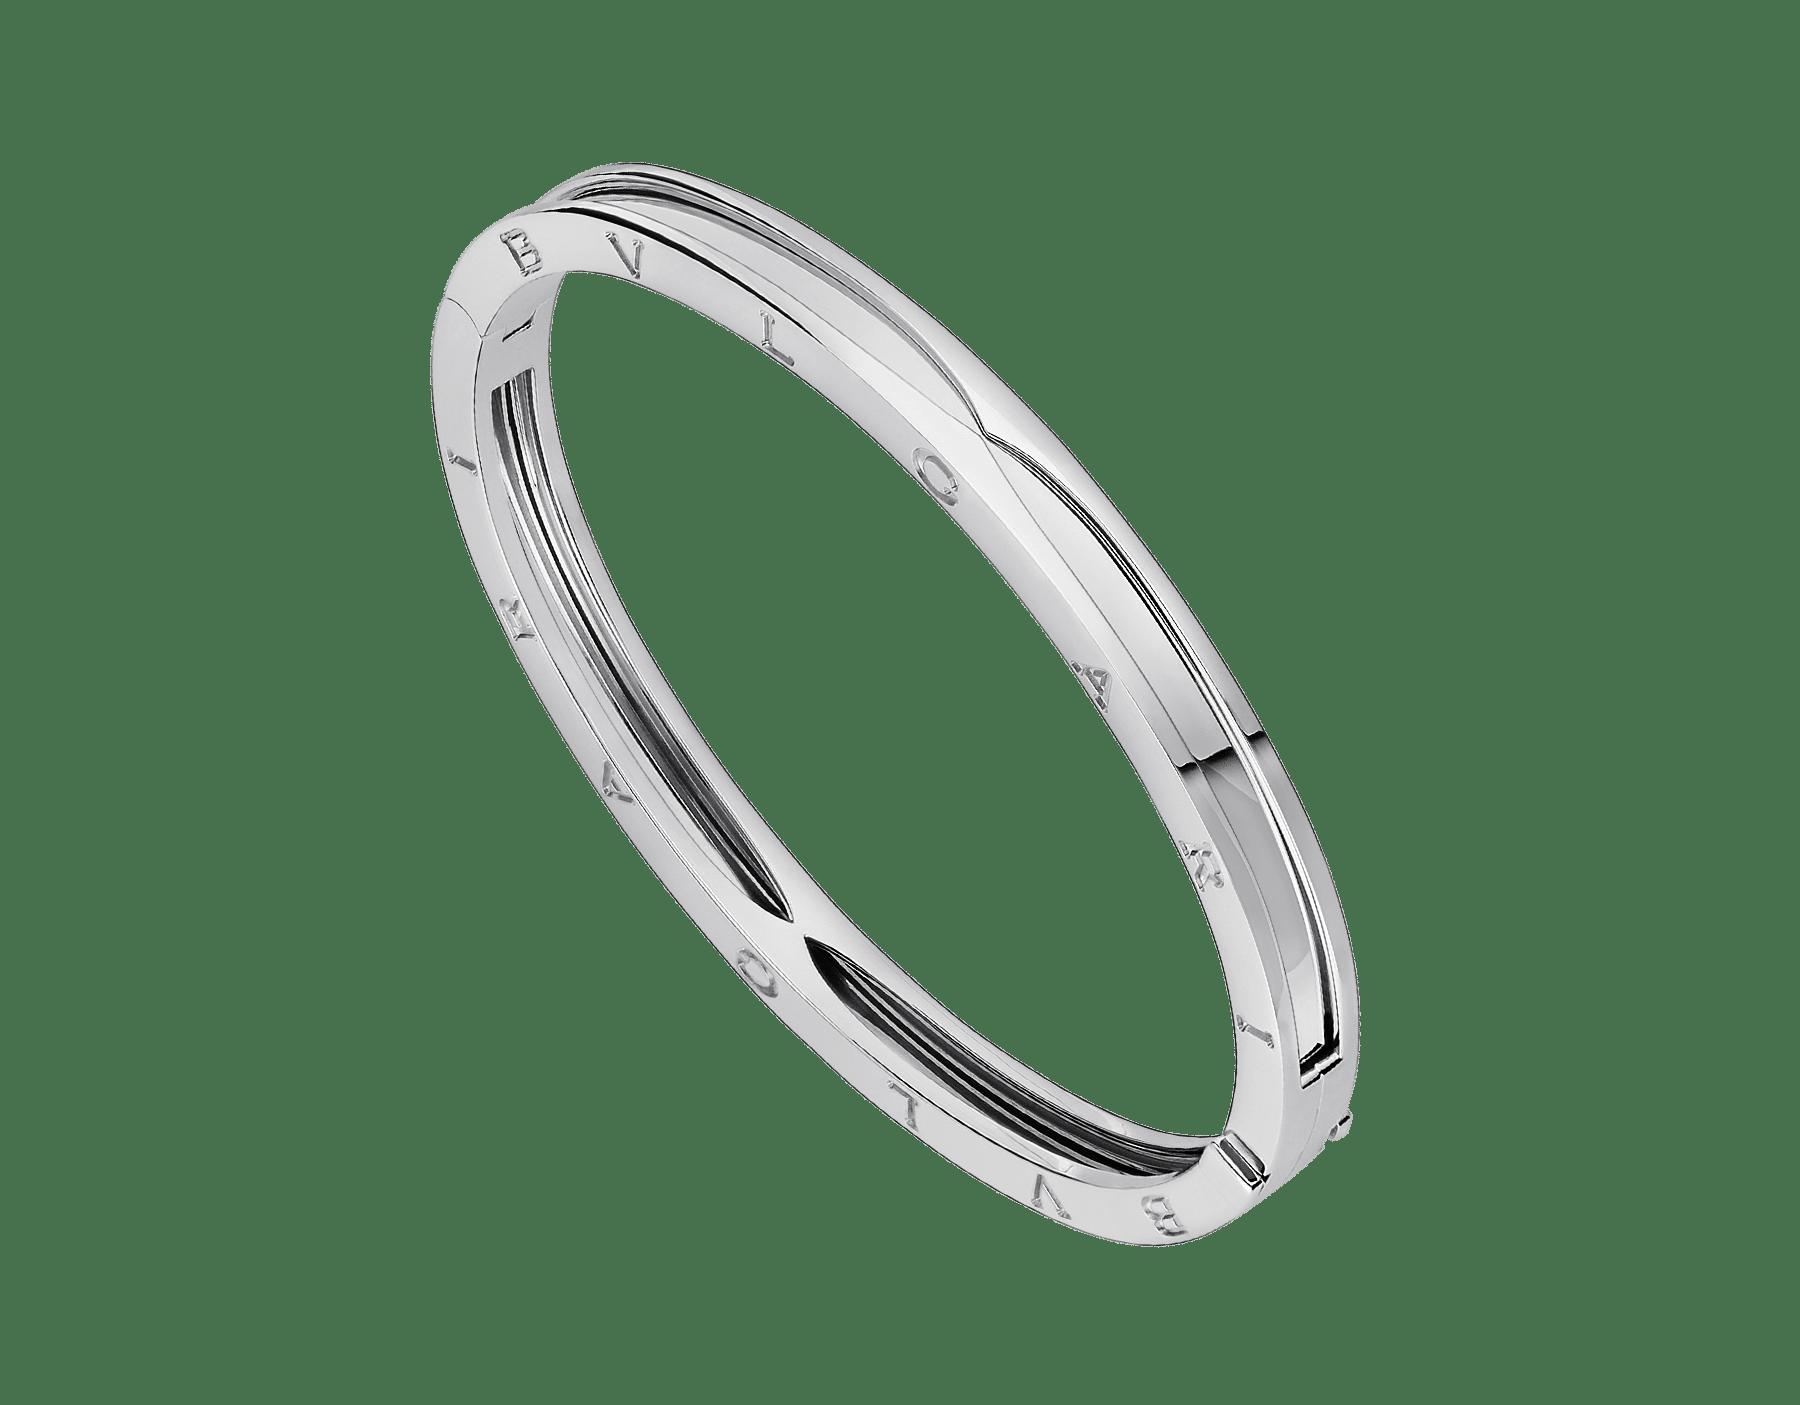 Le délicat et sensuel bracelet jonc B.zero1, avec son emblématique spirale étirée à son maximum, révèle son esprit contemporain à travers un design charismatique caractérisé par des courbes fluides et géométriques. BR857412 image 1